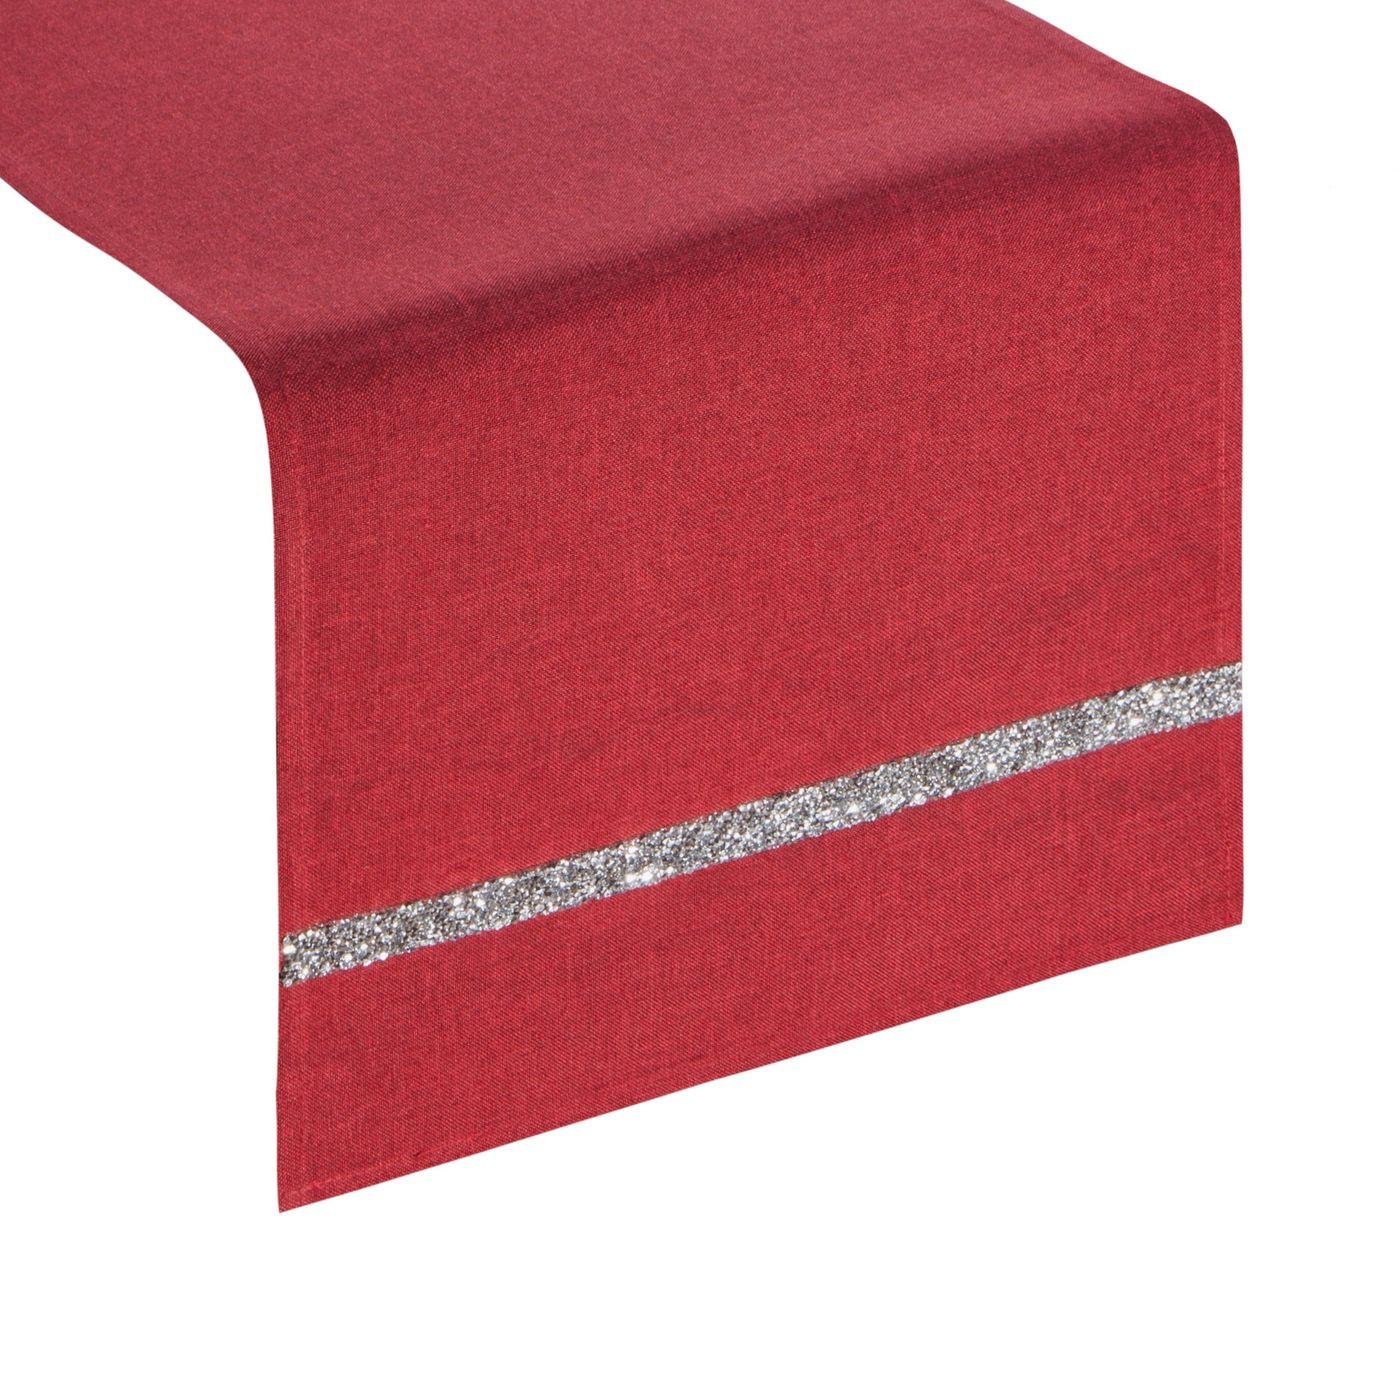 Czerwony bieżnik na stół do jadalni cekiny 33x180 cm